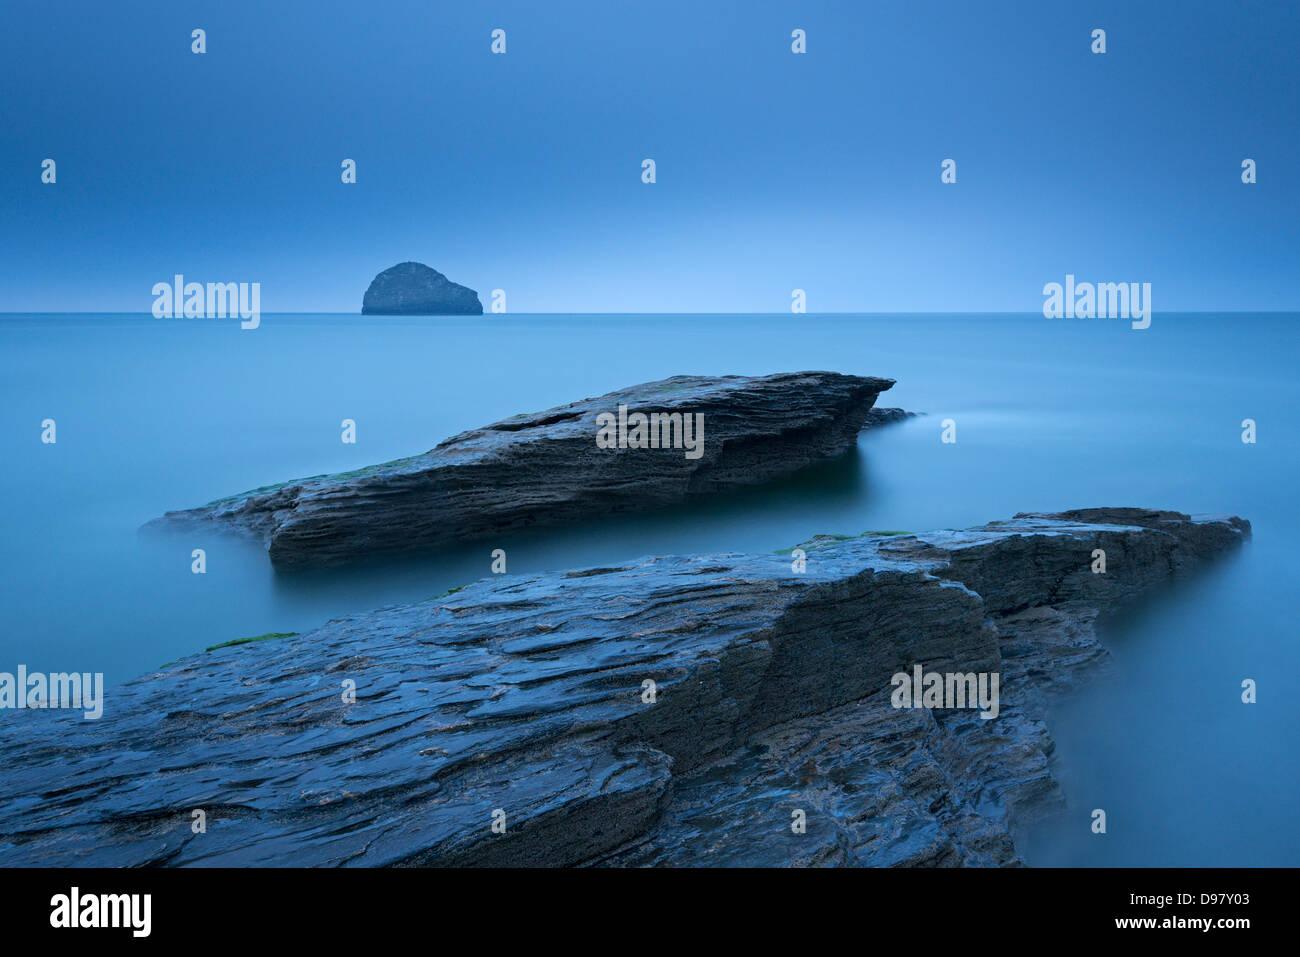 Twilight su uno sperone roccioso a North Cornish Coast a Trebarwith Strand, Cornwall, Inghilterra. Per il periodo Immagini Stock